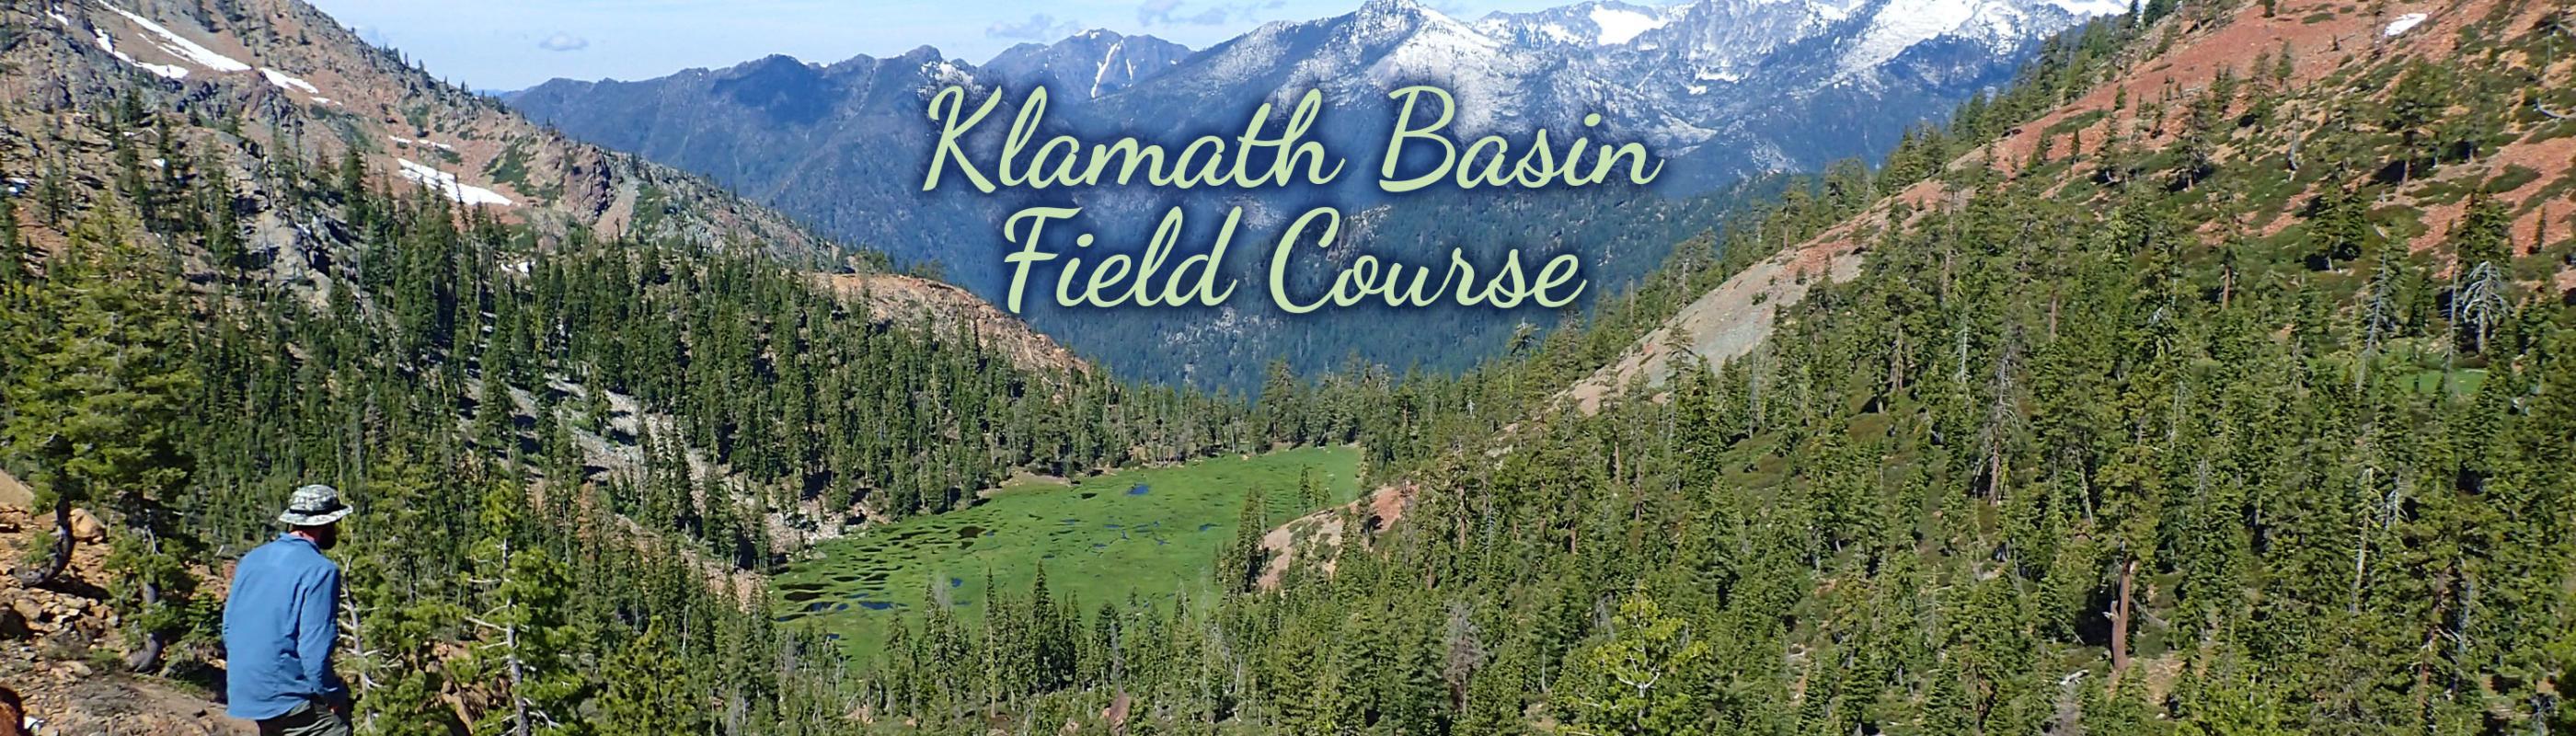 Klamath Basin Field Course